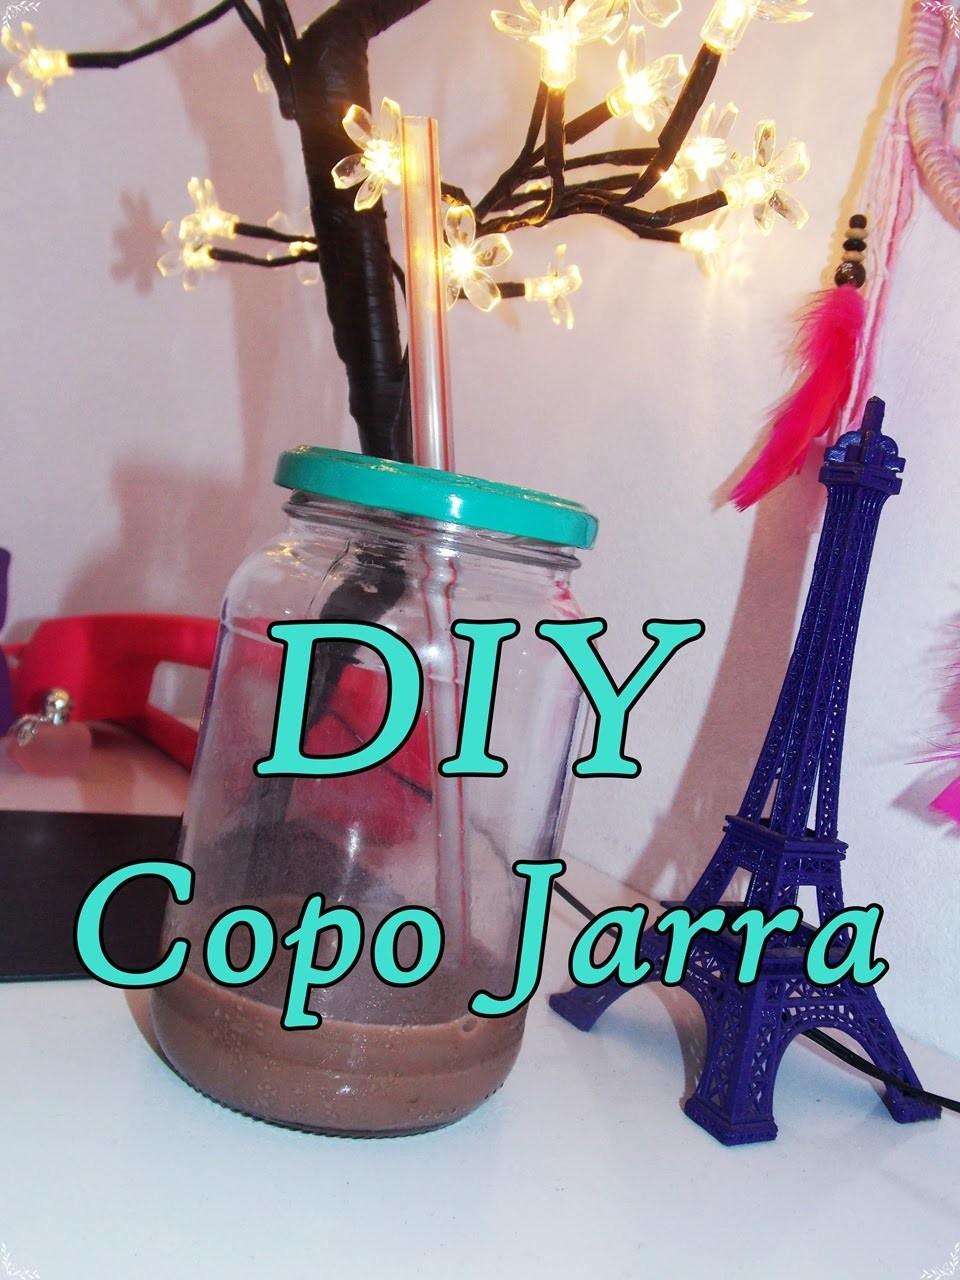 DIY -Copo Jarra -Mason Jar Cup